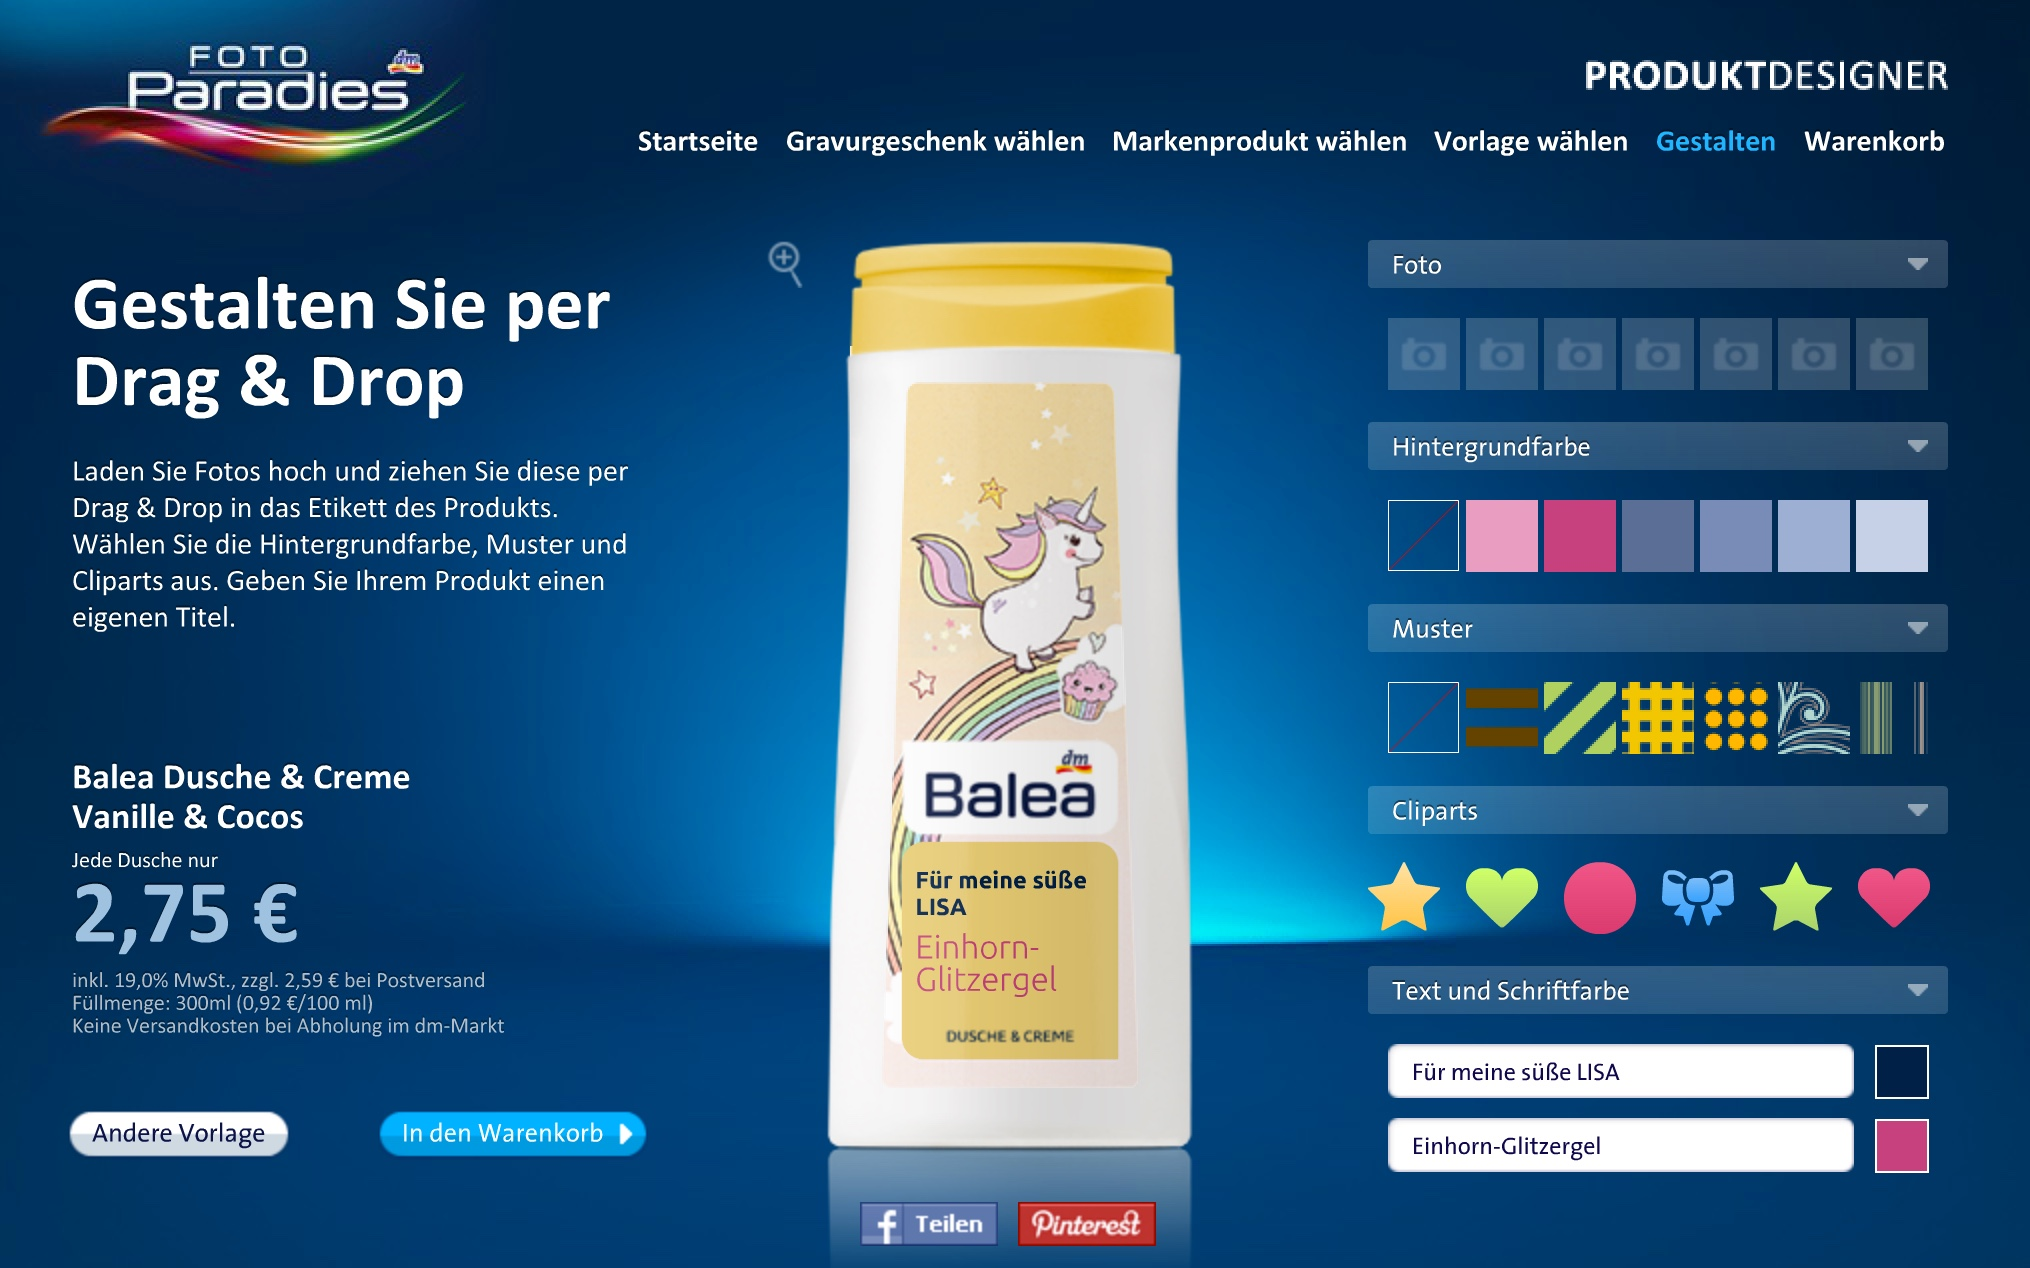 Online Produkt-Designer